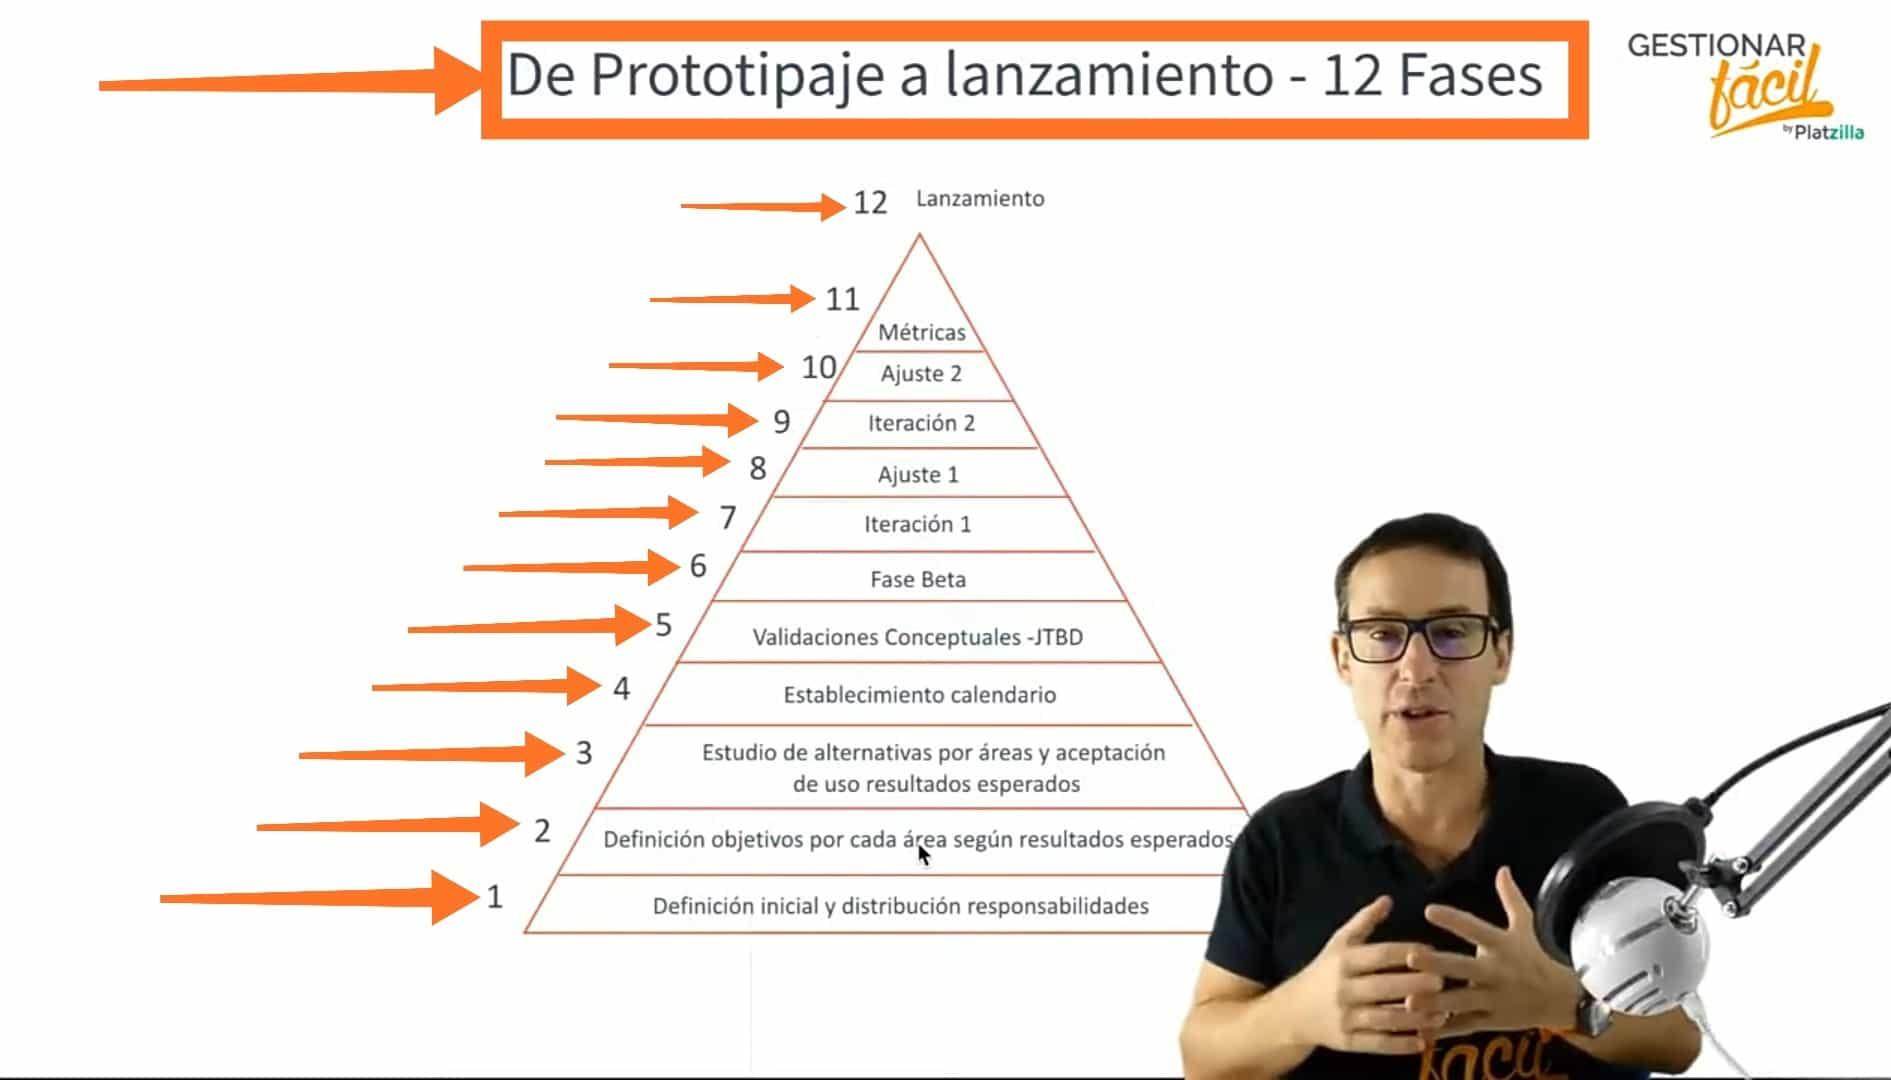 12 pasos para hacer el prototipo de un producto o servicio.